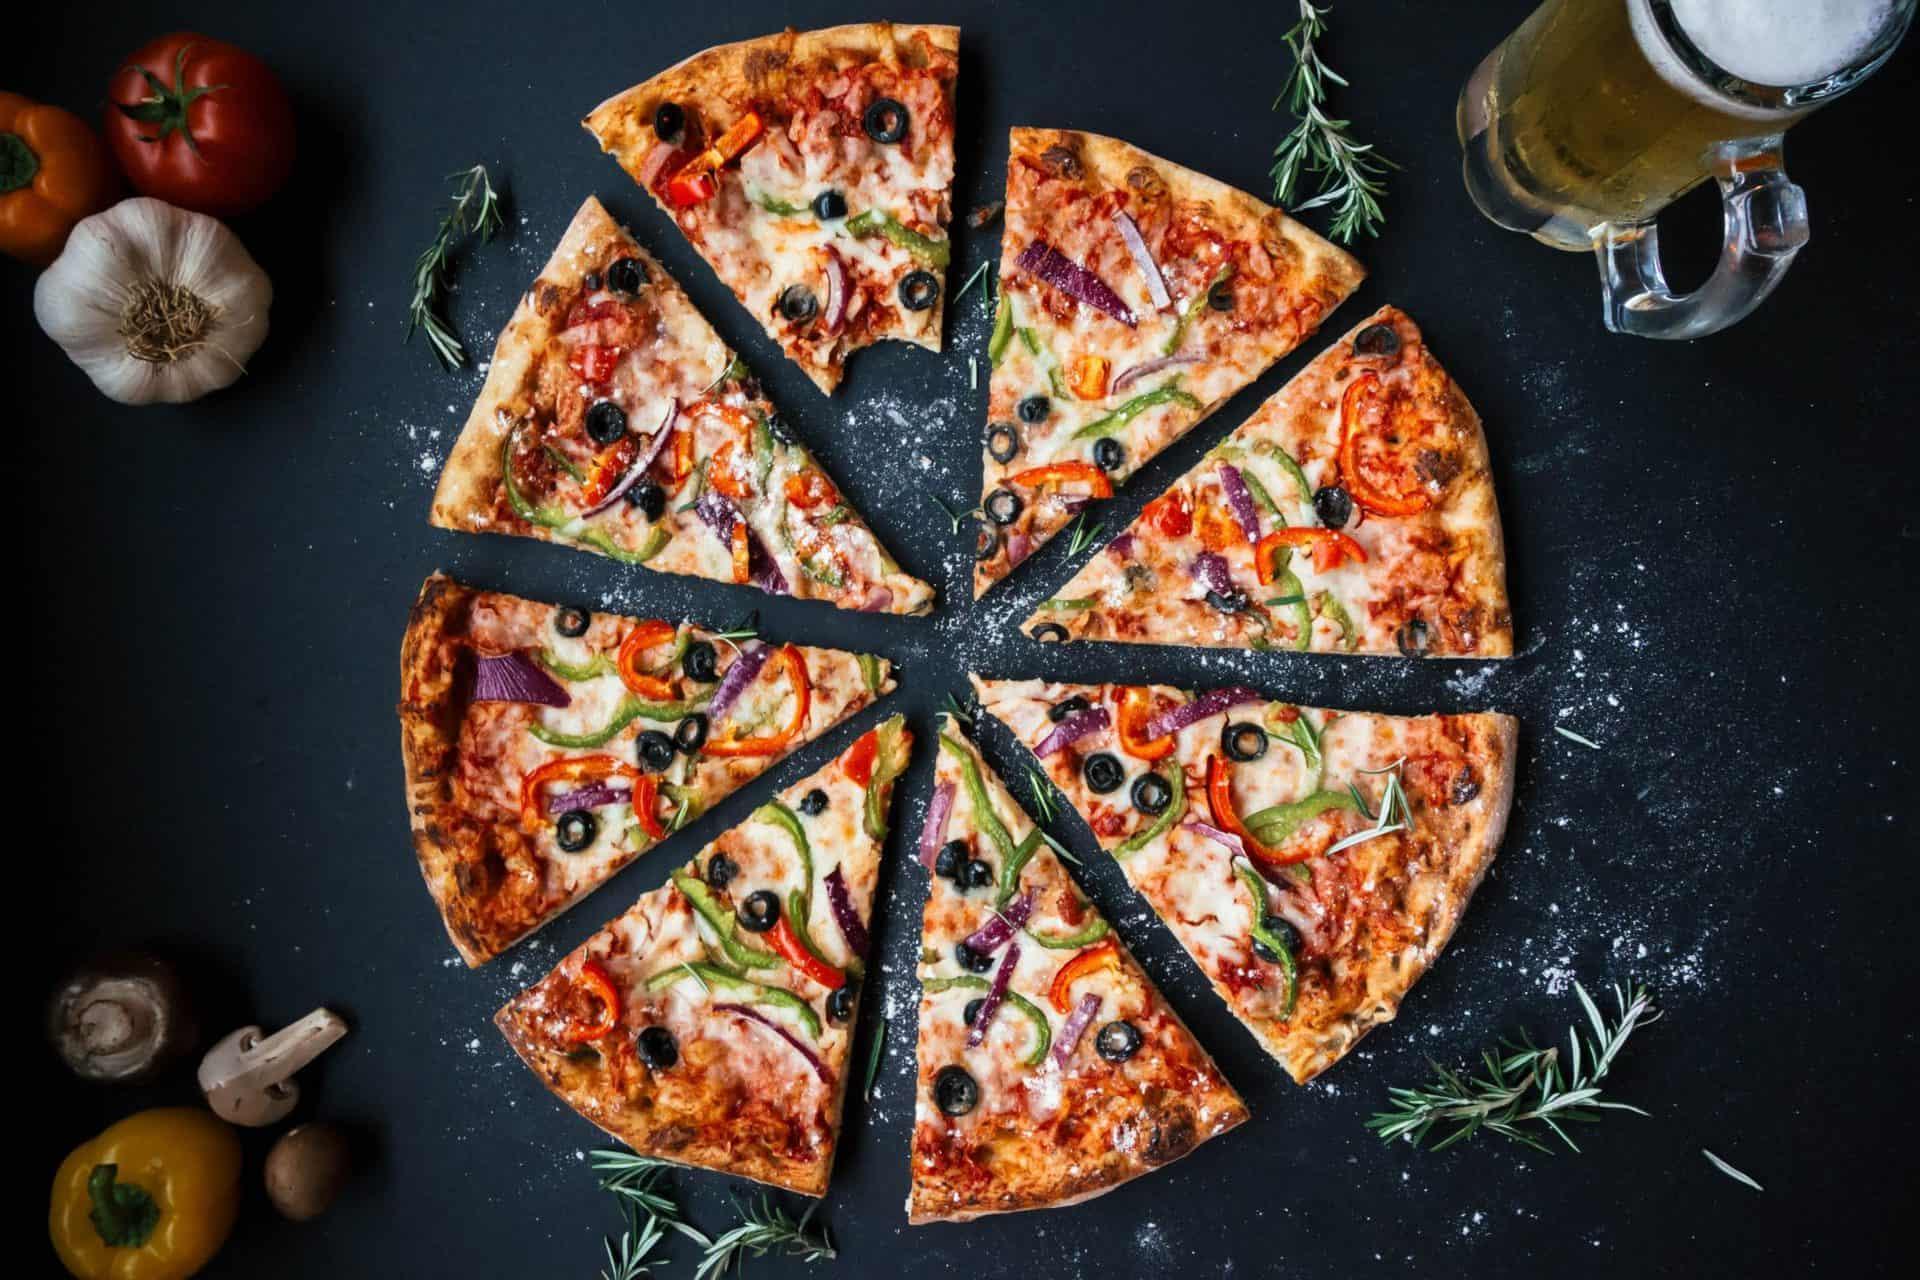 Erfolgsgeschichte, Pizza-Kette und neue Innovation